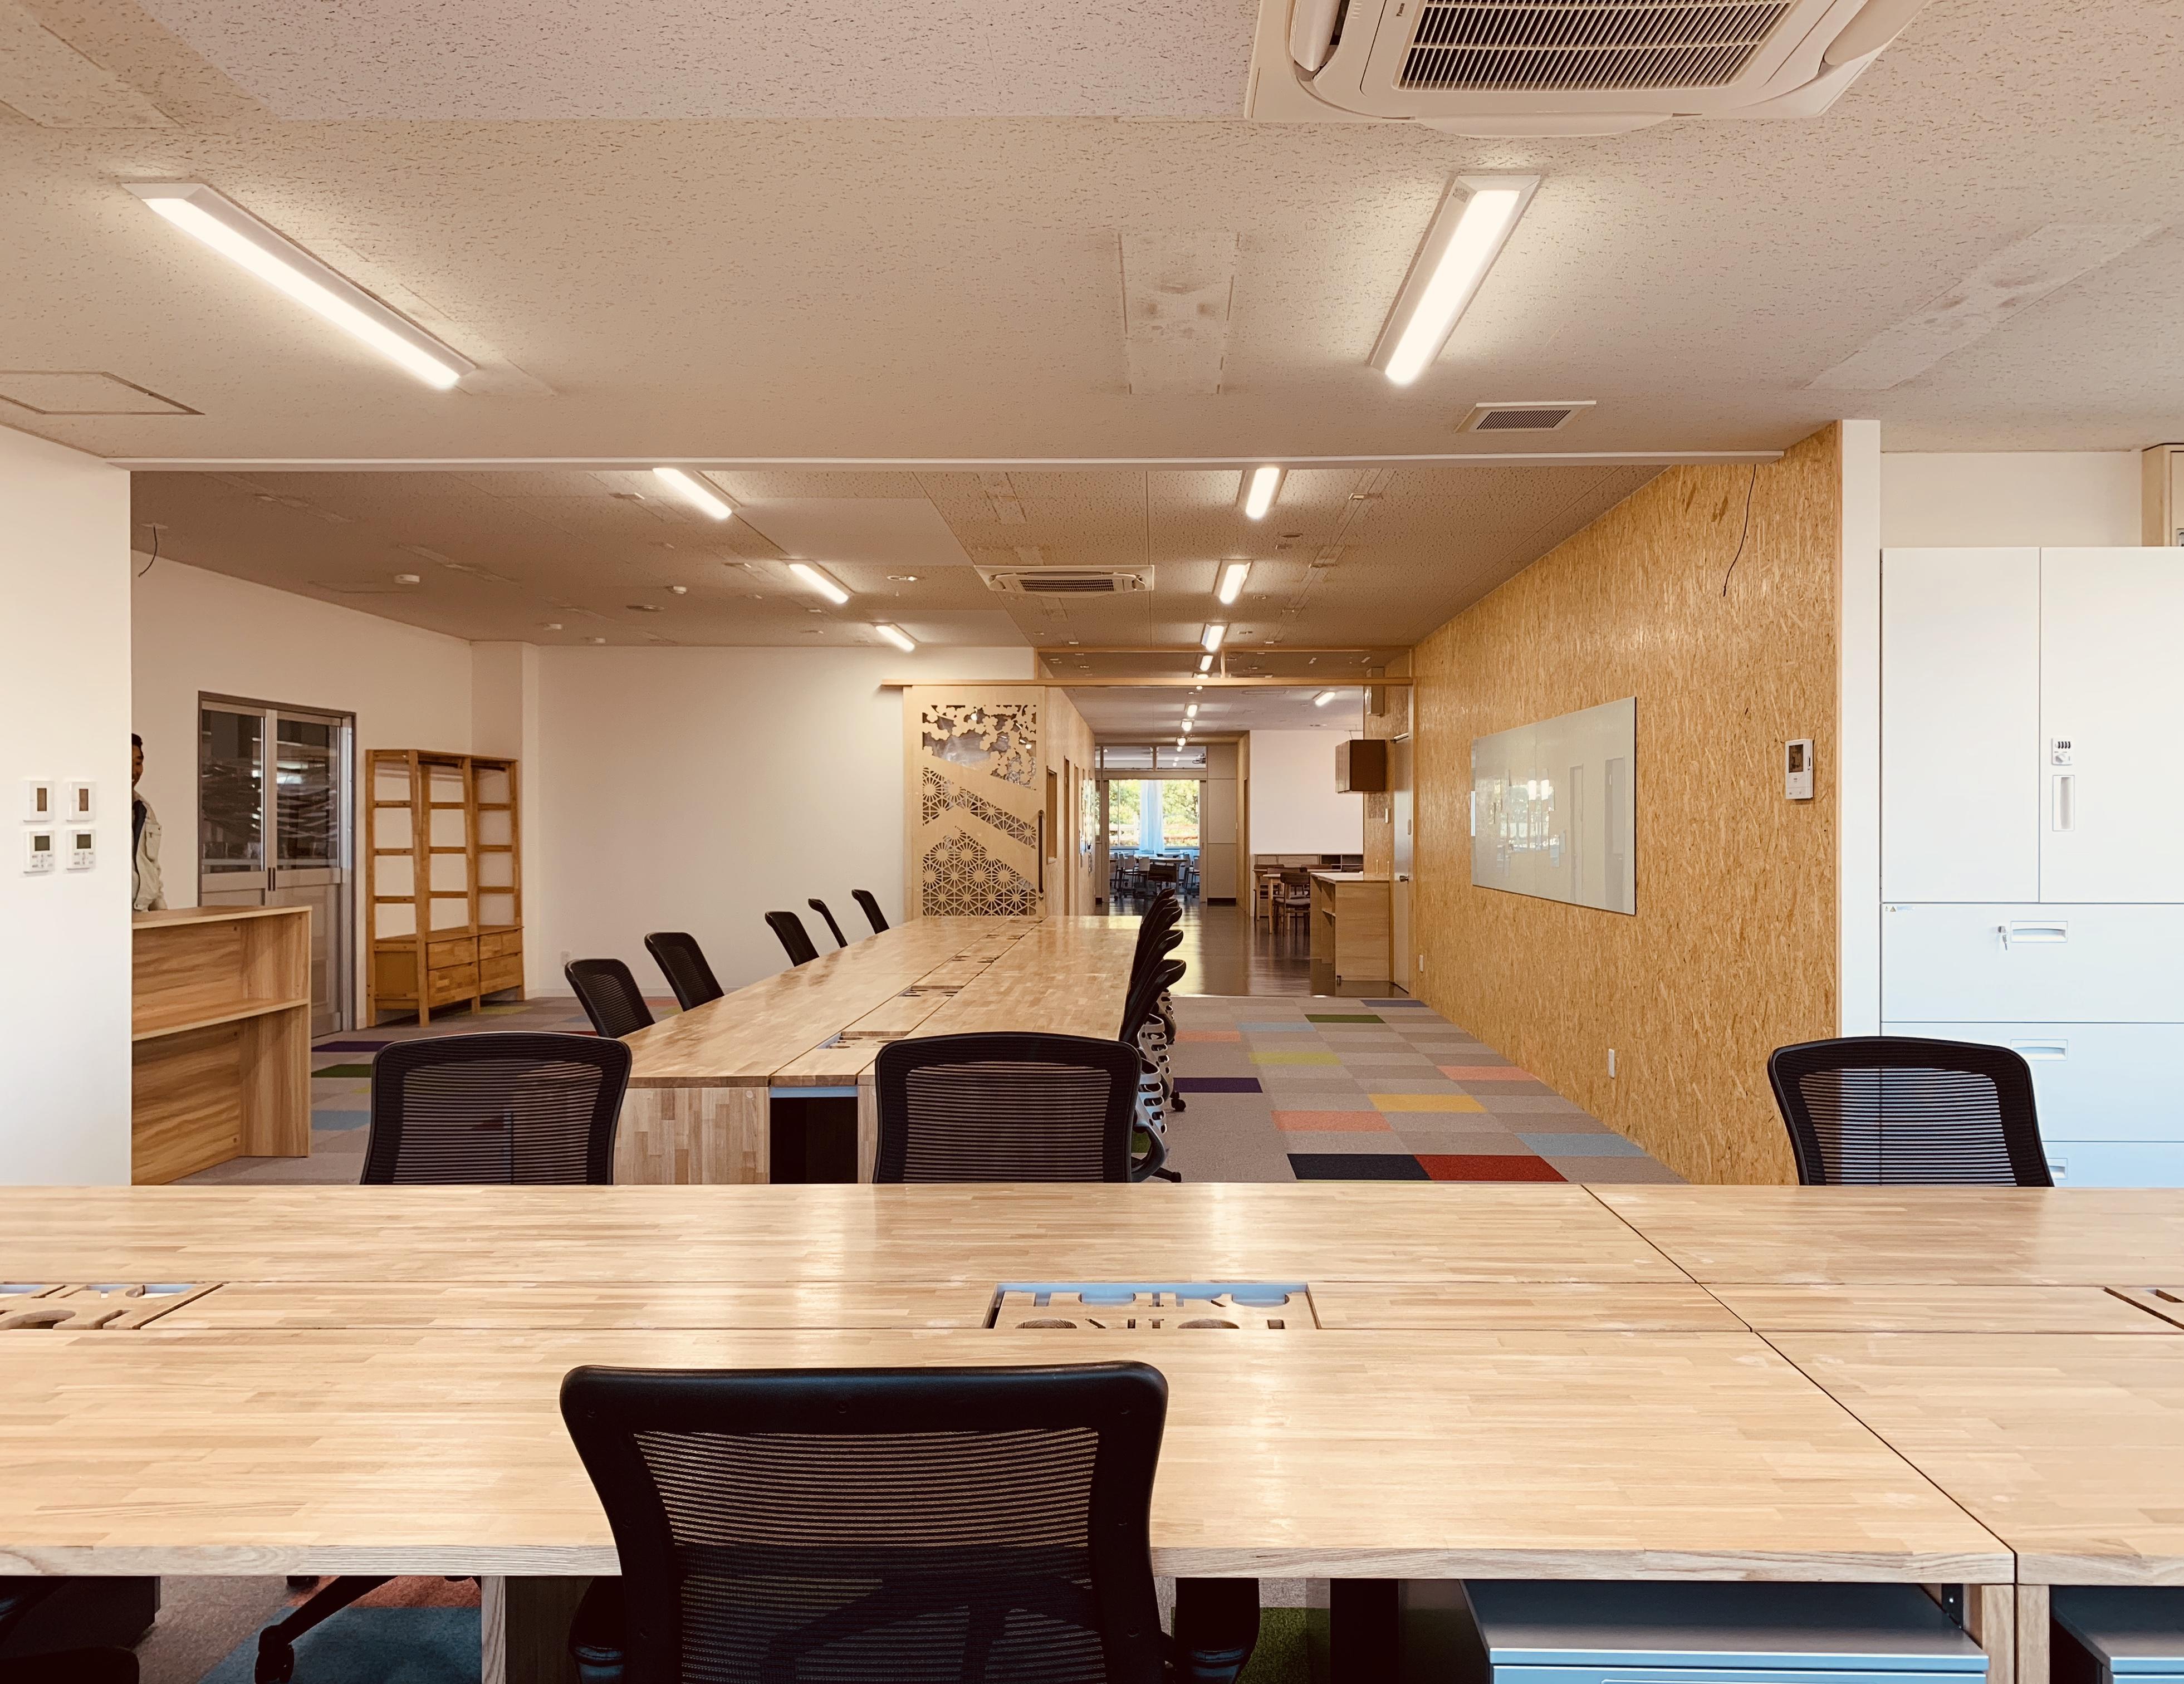 金沢工業大学 Toiroプロジェクトの学生がDIYリノベーションによる個性的なオフィス空間をデザイン。小松電業所総務部オフィスリノベーション内覧会を開催。